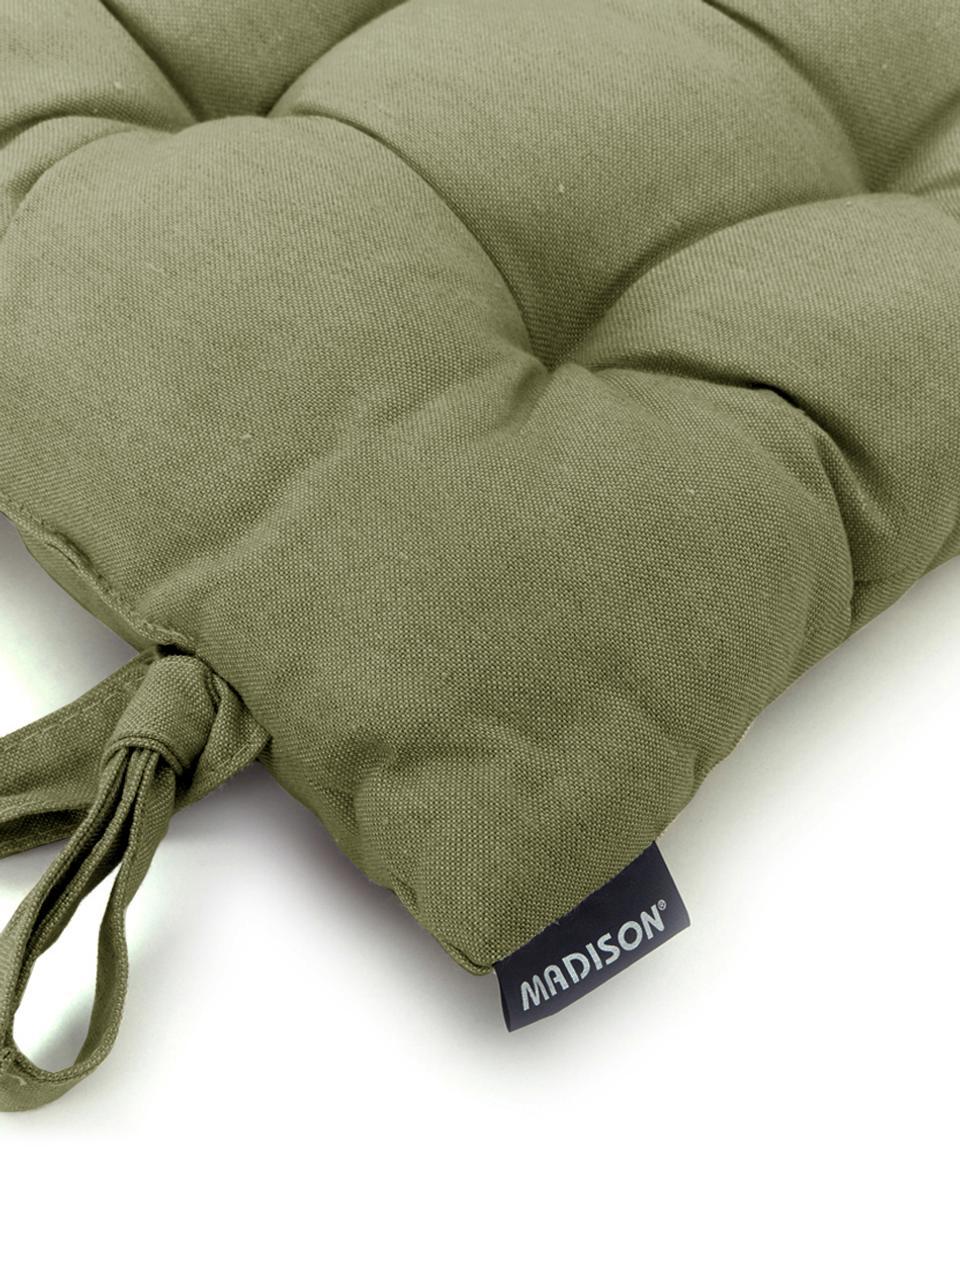 Poduszka na siedzisko Panama, Tapicerka: 50% bawełna, 45% polieste, Szałwiowy zielony, S 45 x D 45 cm